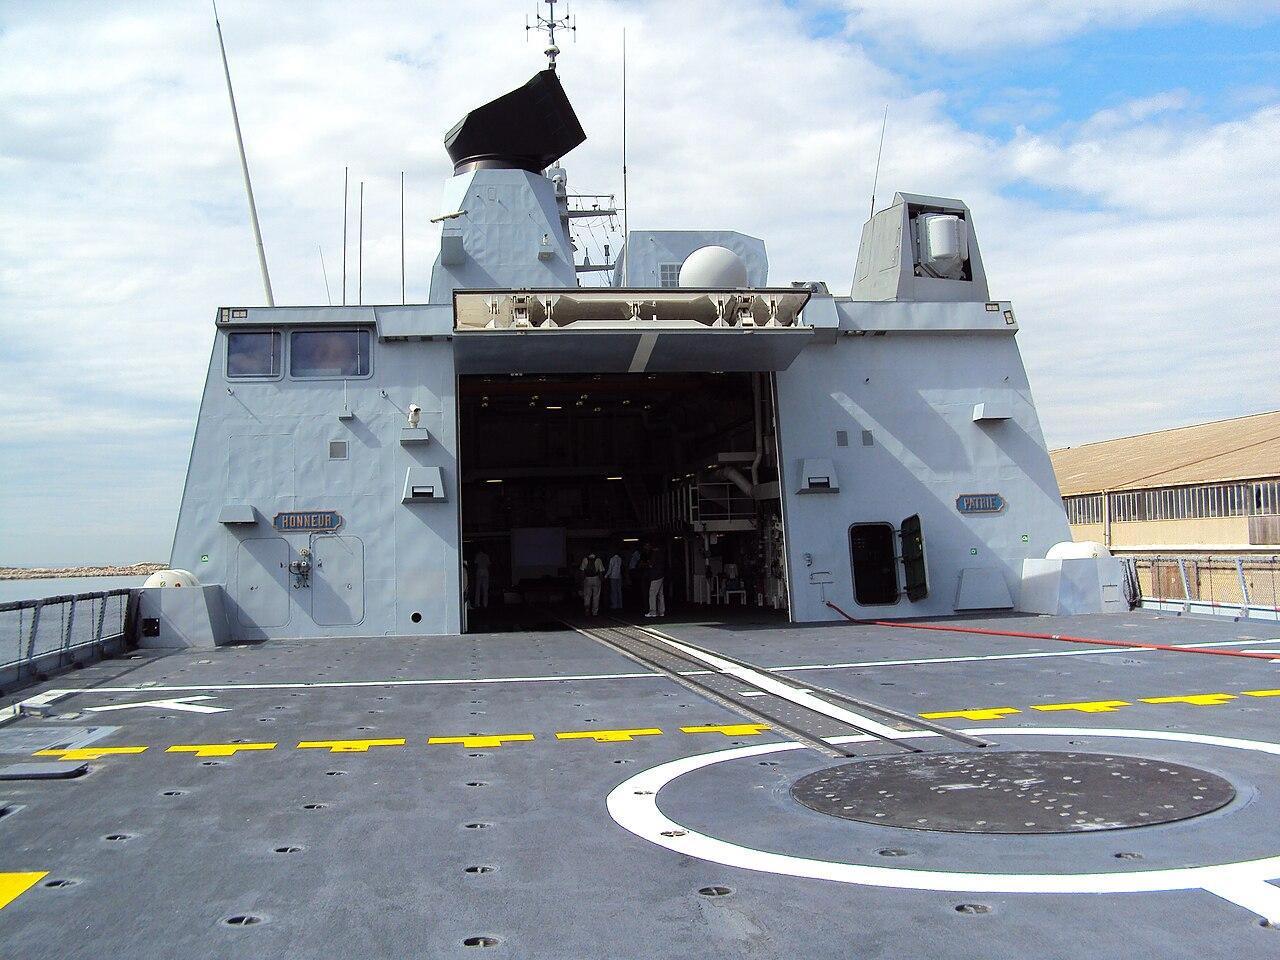 L'actu de la MARINE NATIONALE, de notre défense et de nos alliés /2 - Page 23 1280px-Fregate_Forbin_-_view_from_helicopter_desk